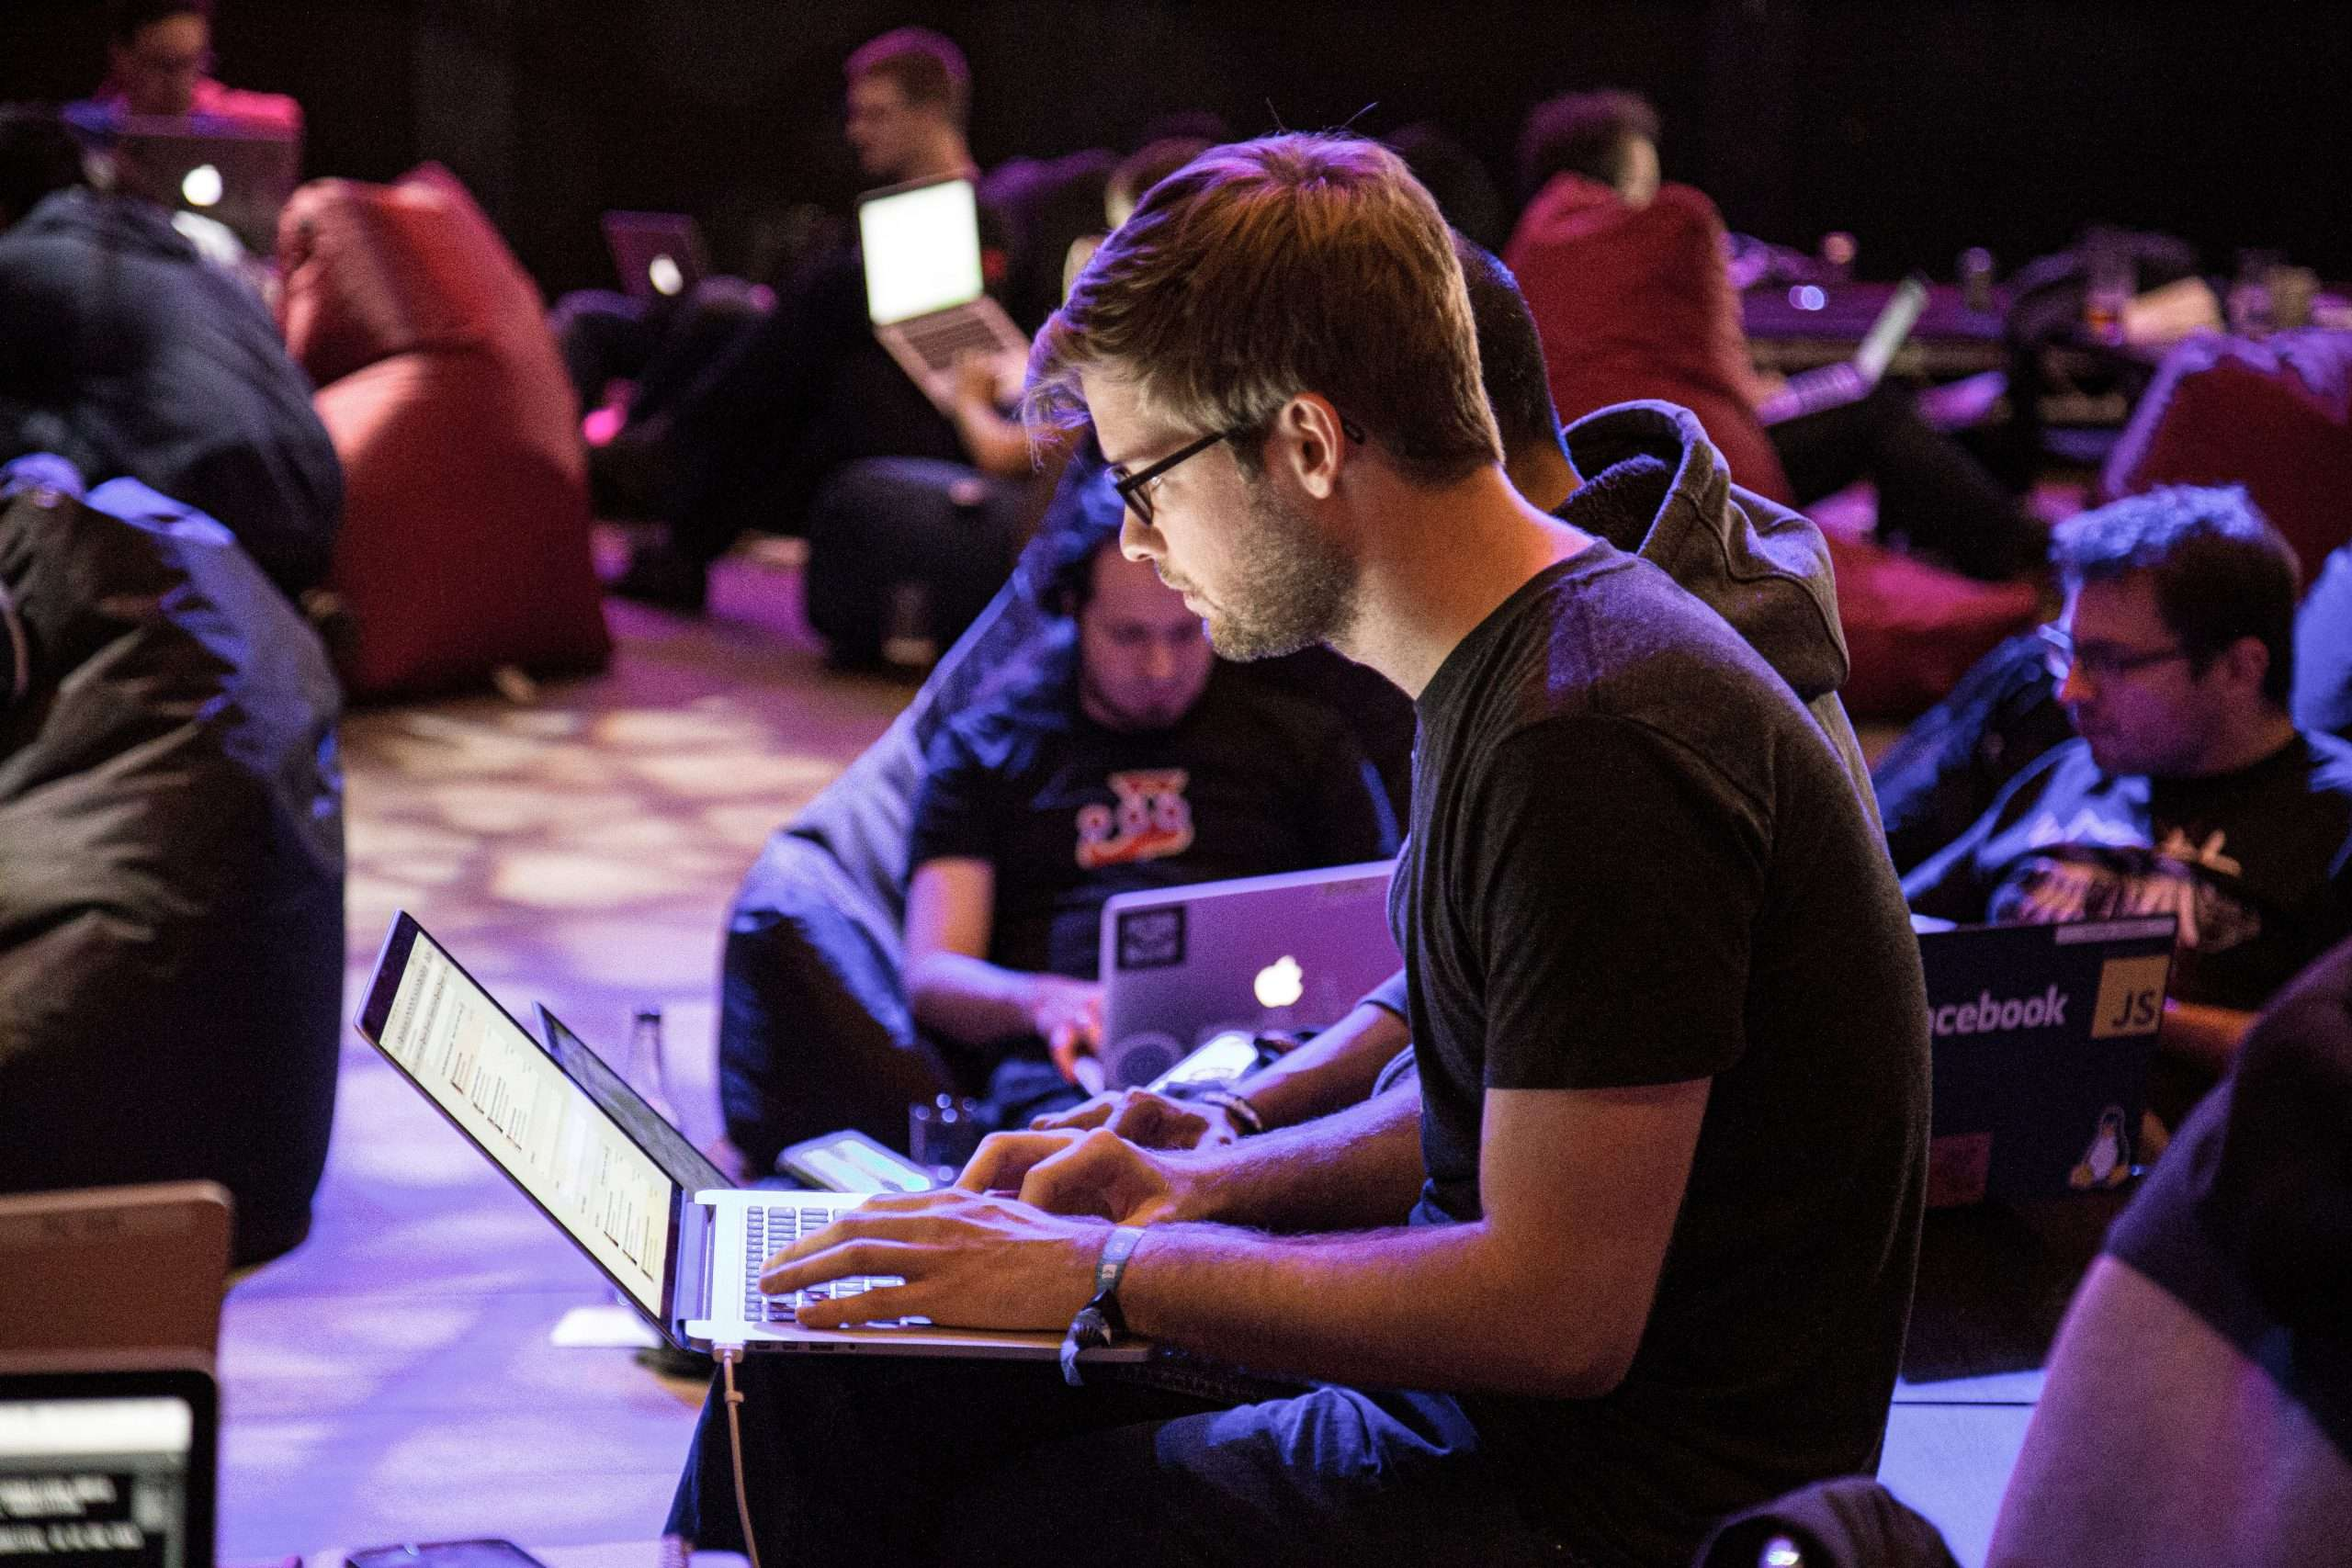 sm20-hackathon